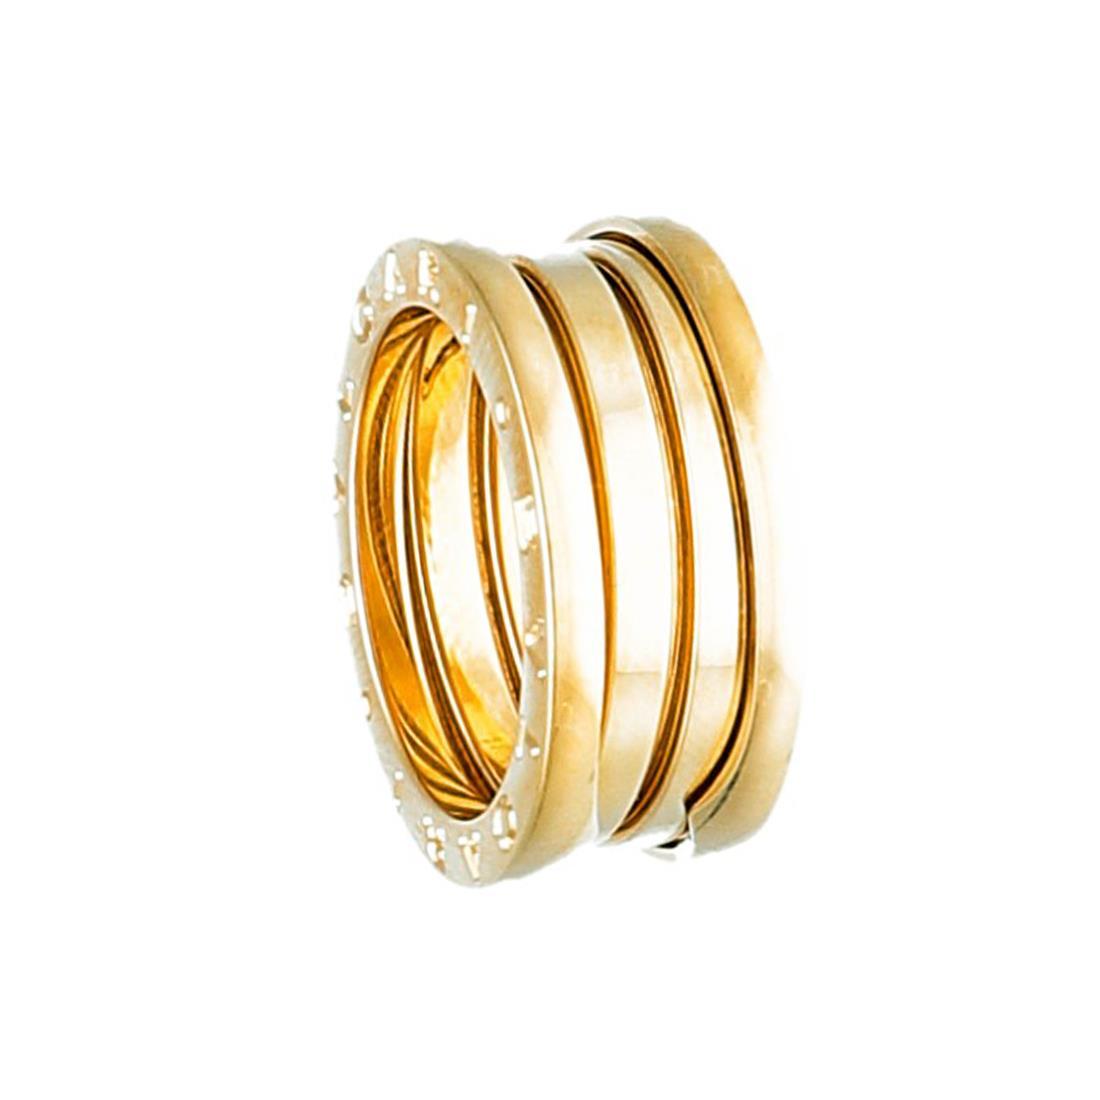 Anello Bulgari Modello B.Zero1, anello a tre fasce in oro giallo 18 kt, misura 13 - BULGARI